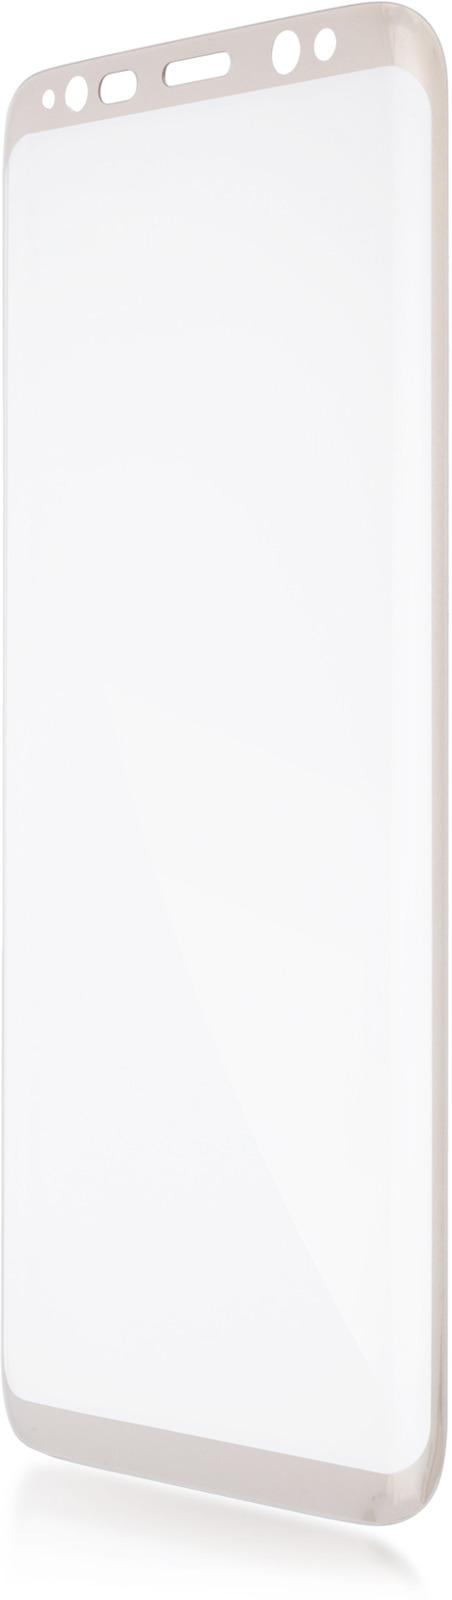 Защитное стекло Brosco 3D для Samsung Galaxy S8 Plus, золотой защитное стекло для samsung galaxy s8 sm g950 onext 3d изогнутое по форме дисплея с прозрачной рамкой